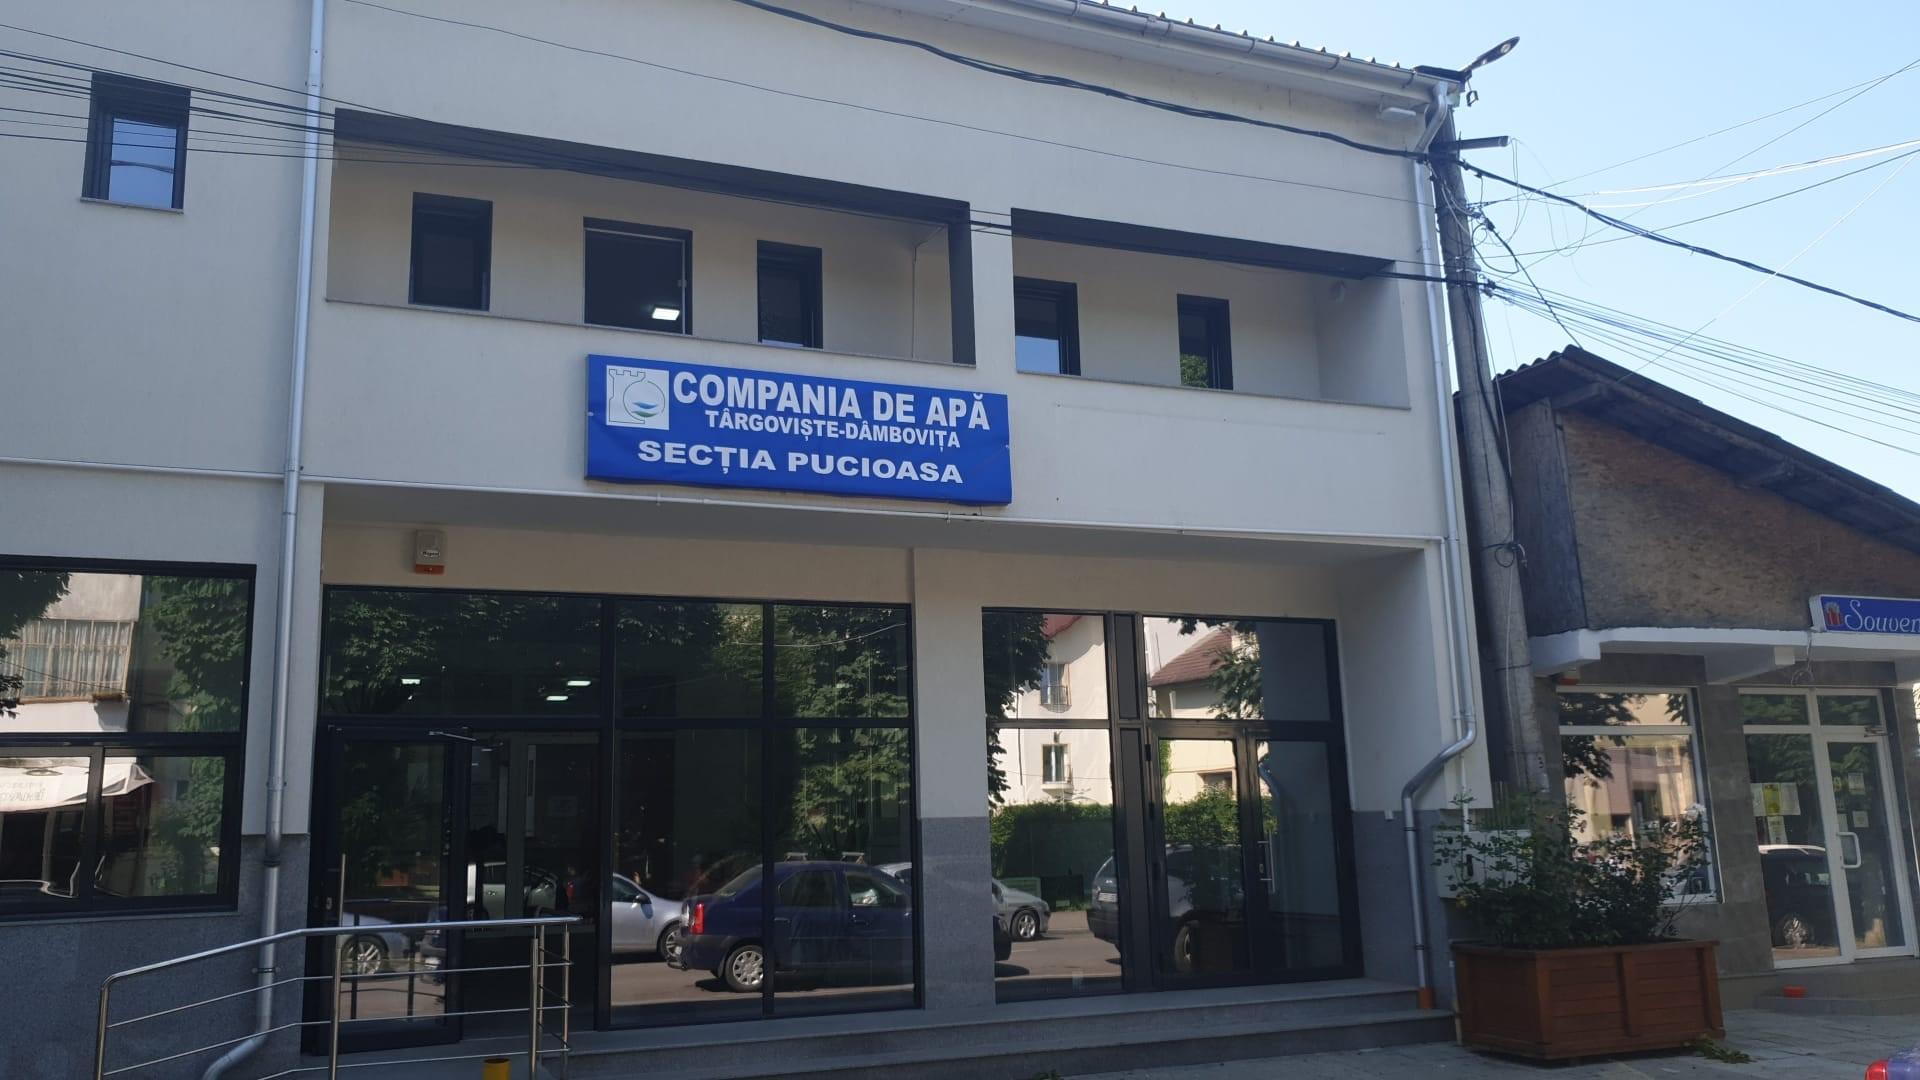 Compania de Apă Târgoviște Dâmbovița vine in sprijinul cetățenilor din Pucioasa facilitând accesul consumatorilor la orice informații cu privire la serviciile oferite